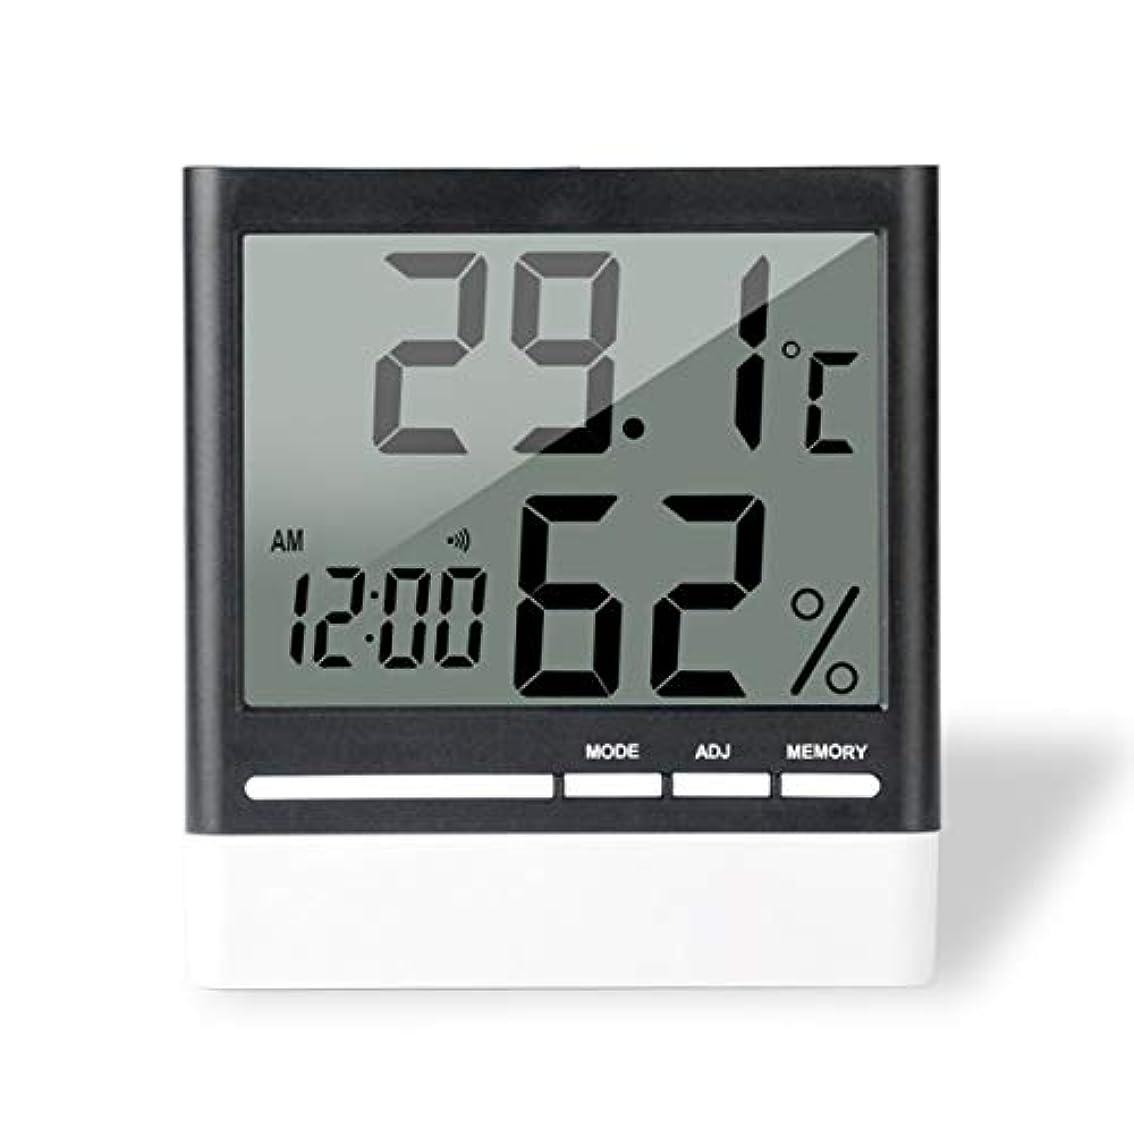 フェロー諸島失ブリーフケースSaikogoods 電子体温計湿度計 デジタルディスプレイ 温度湿度モニター アラーム時計 屋内家庭用 ブラック